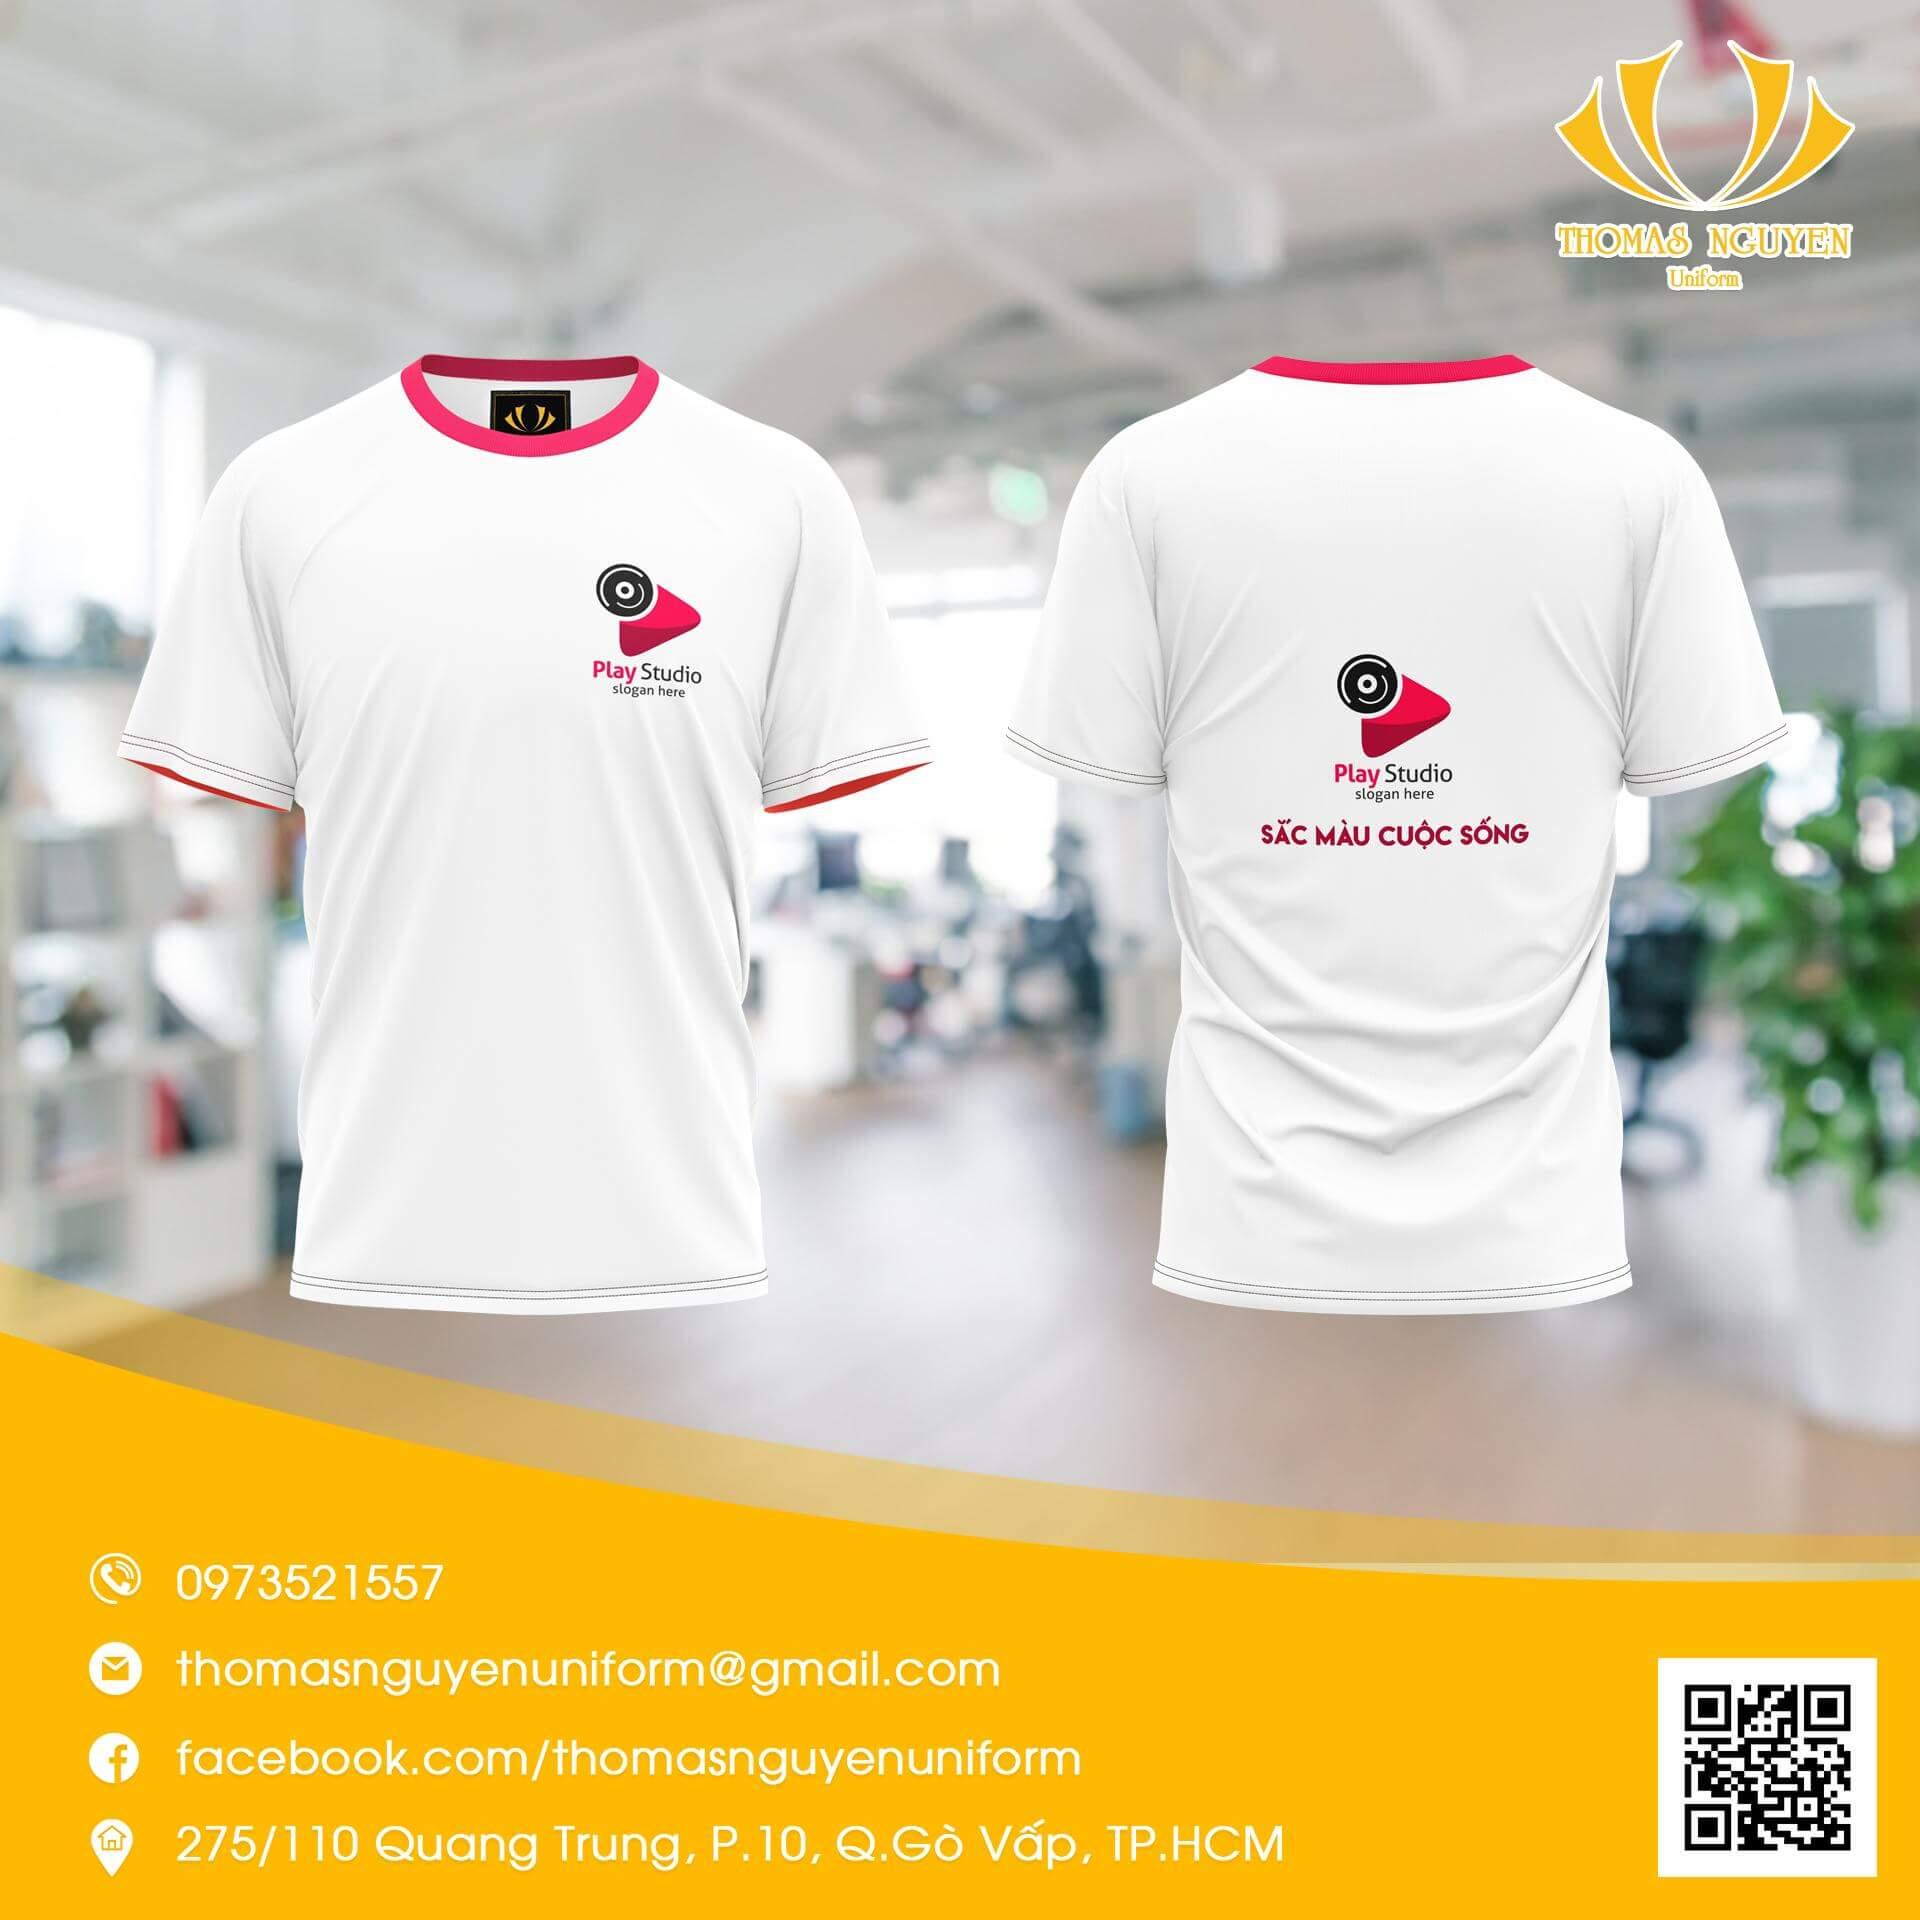 Áo thun đồng phuc, may đồng phục